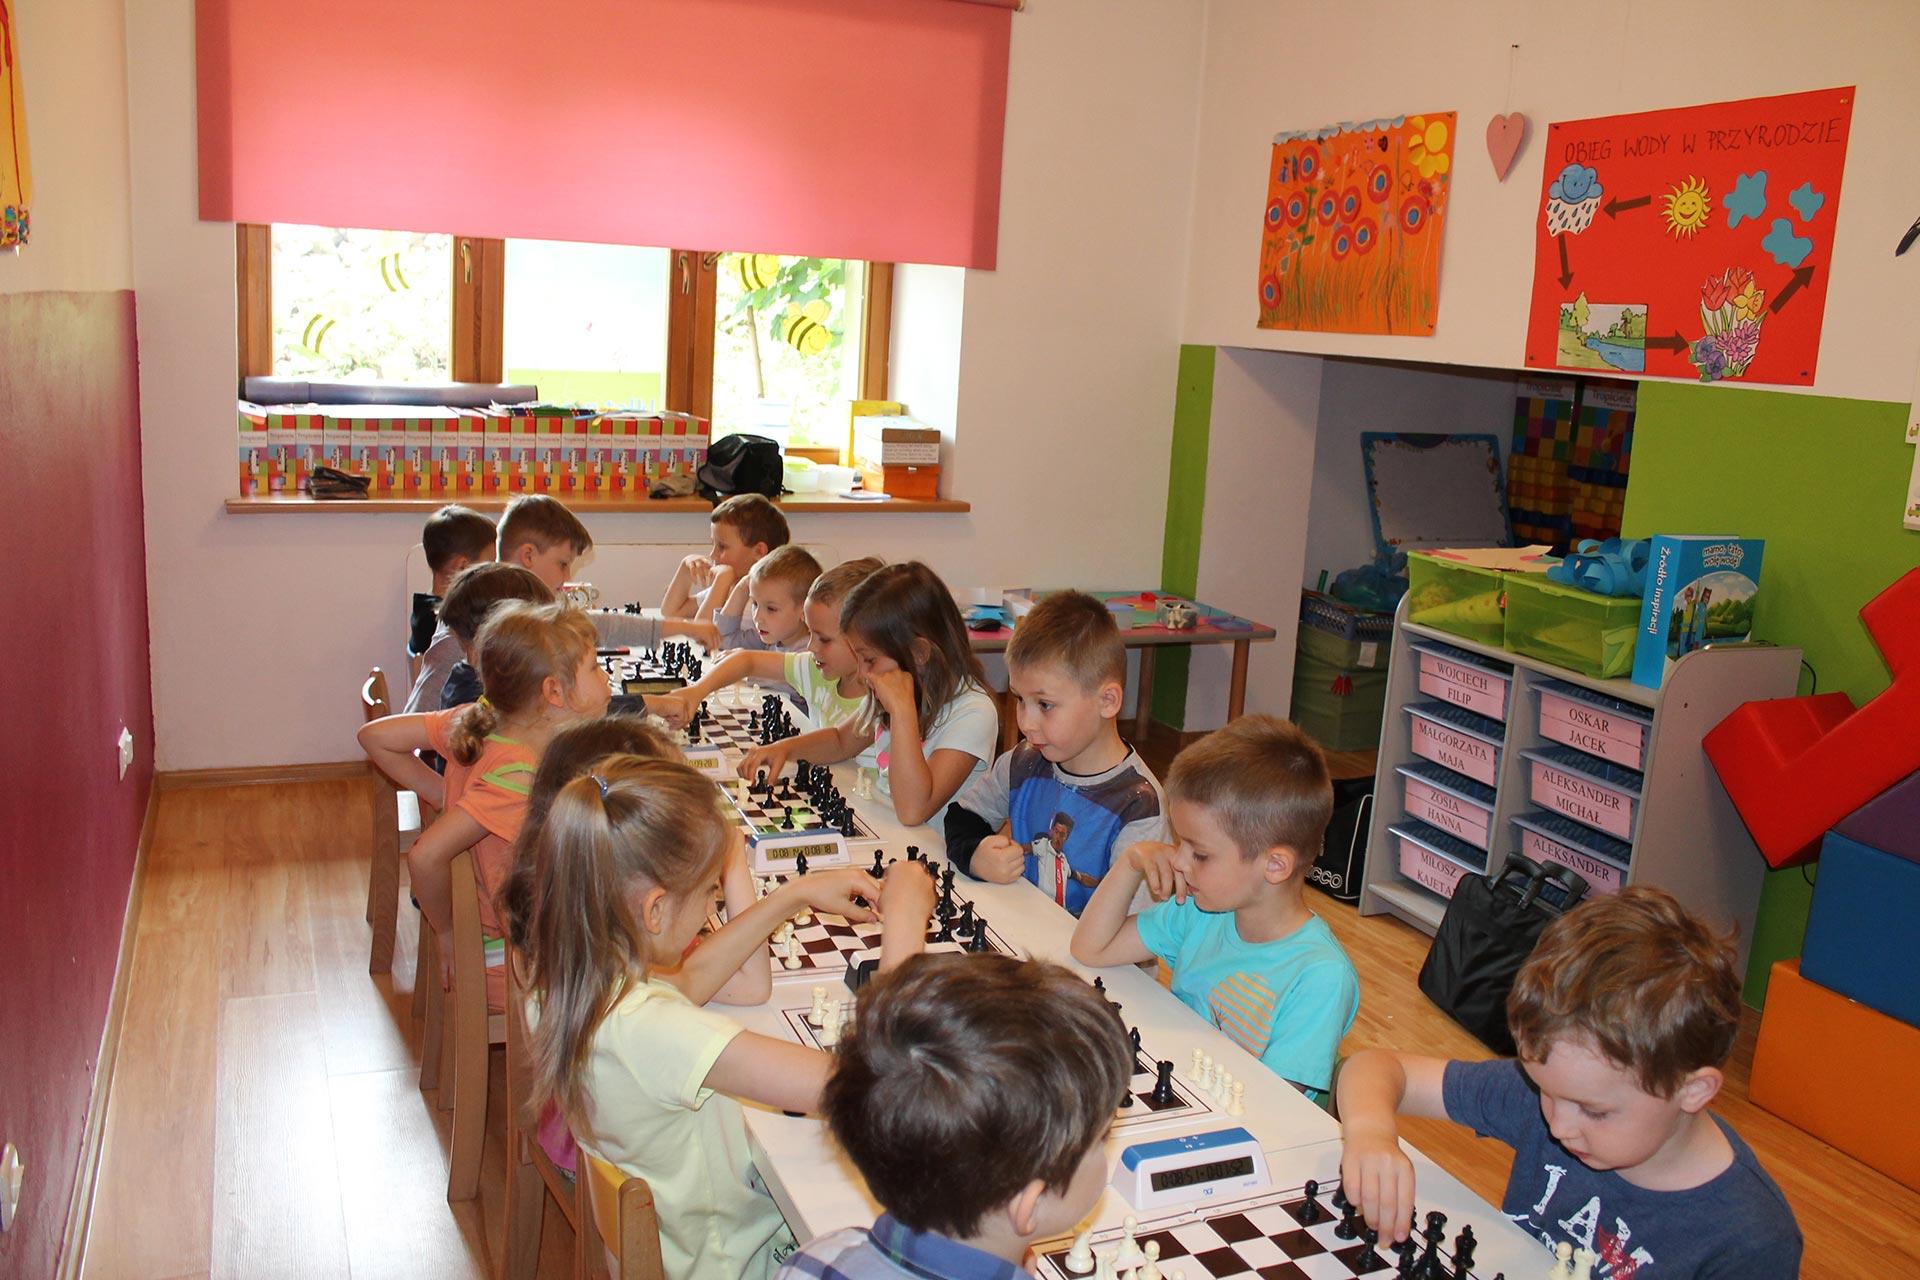 II Szachowe Mistrzostwa Przedszkola Abracadabra, Świdnica, 13.06.2016